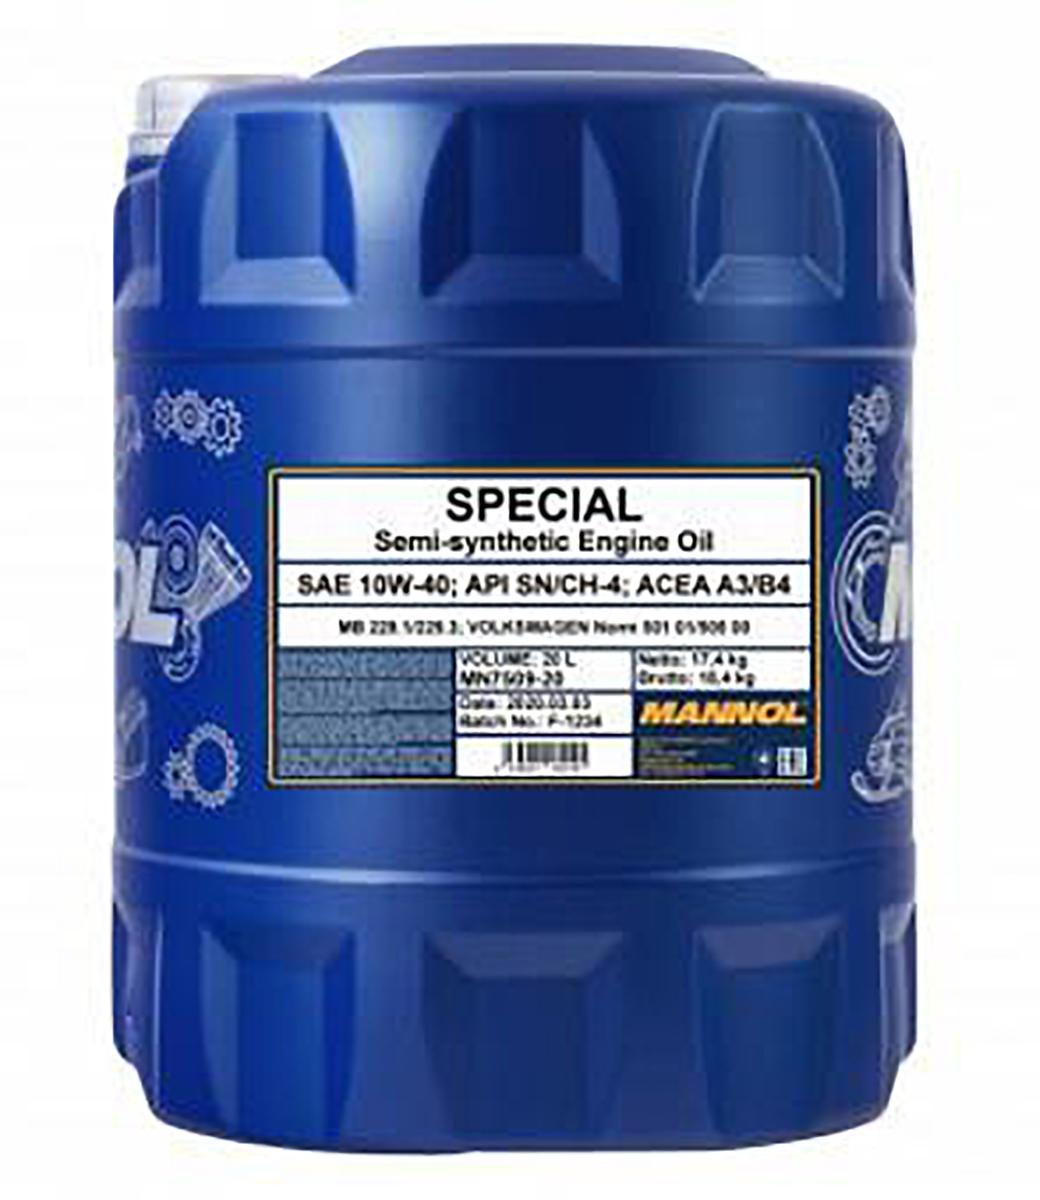 Special 10W-40